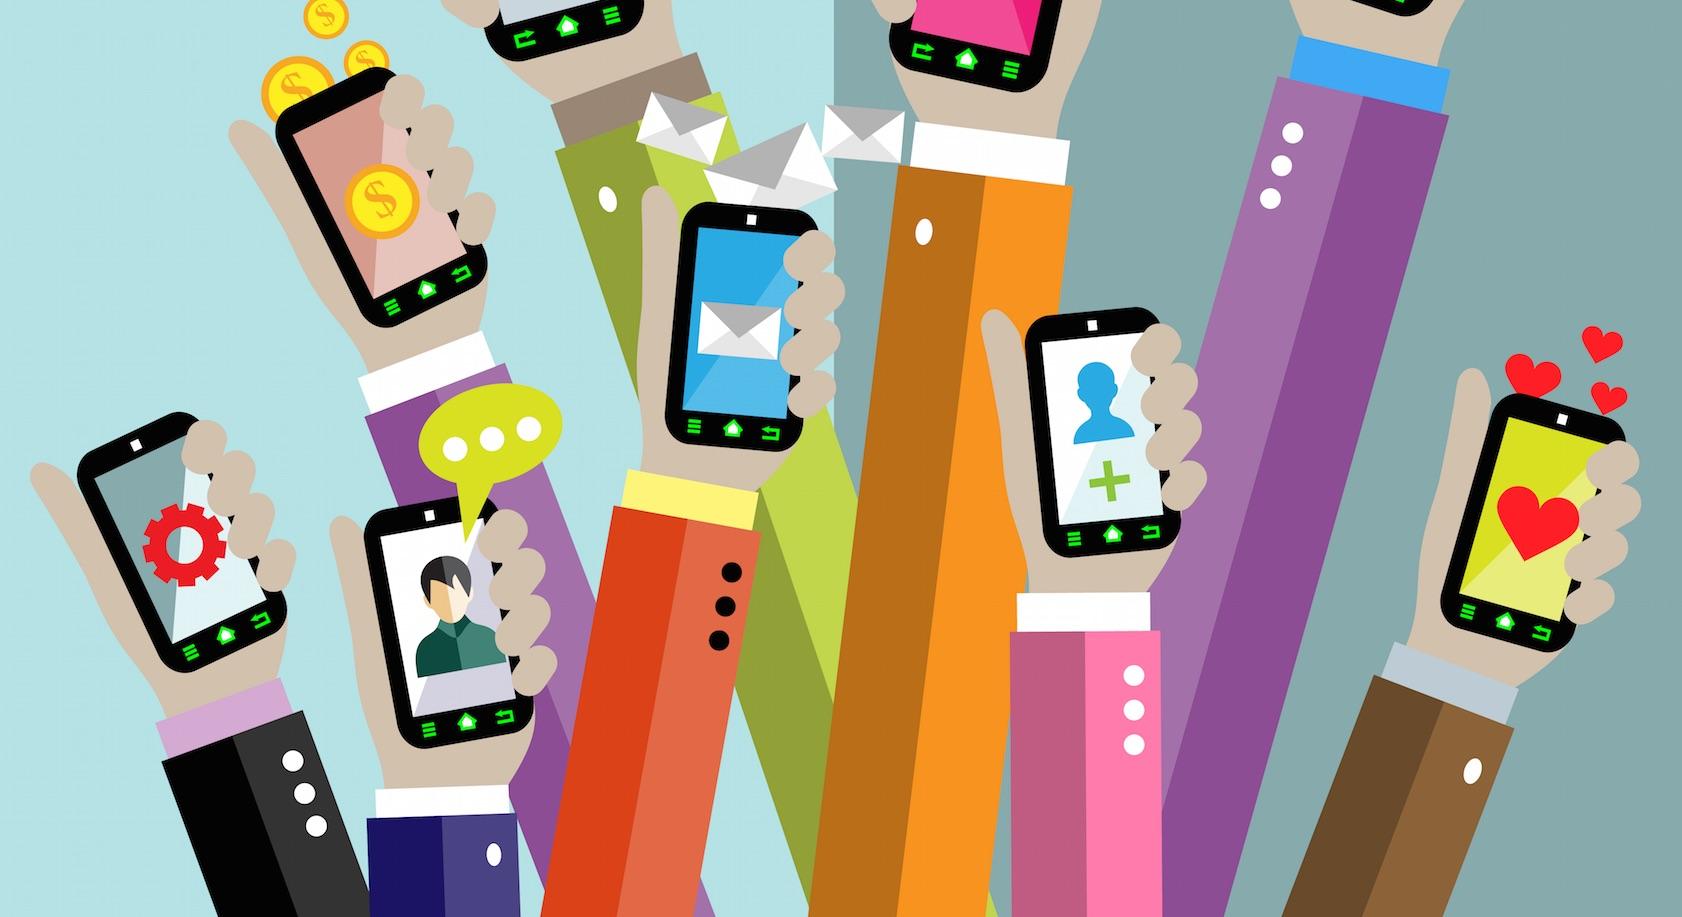 Эволюция дизайна и юзабилити мобильных приложений известных сервисов. Как улучшить свое приложение?